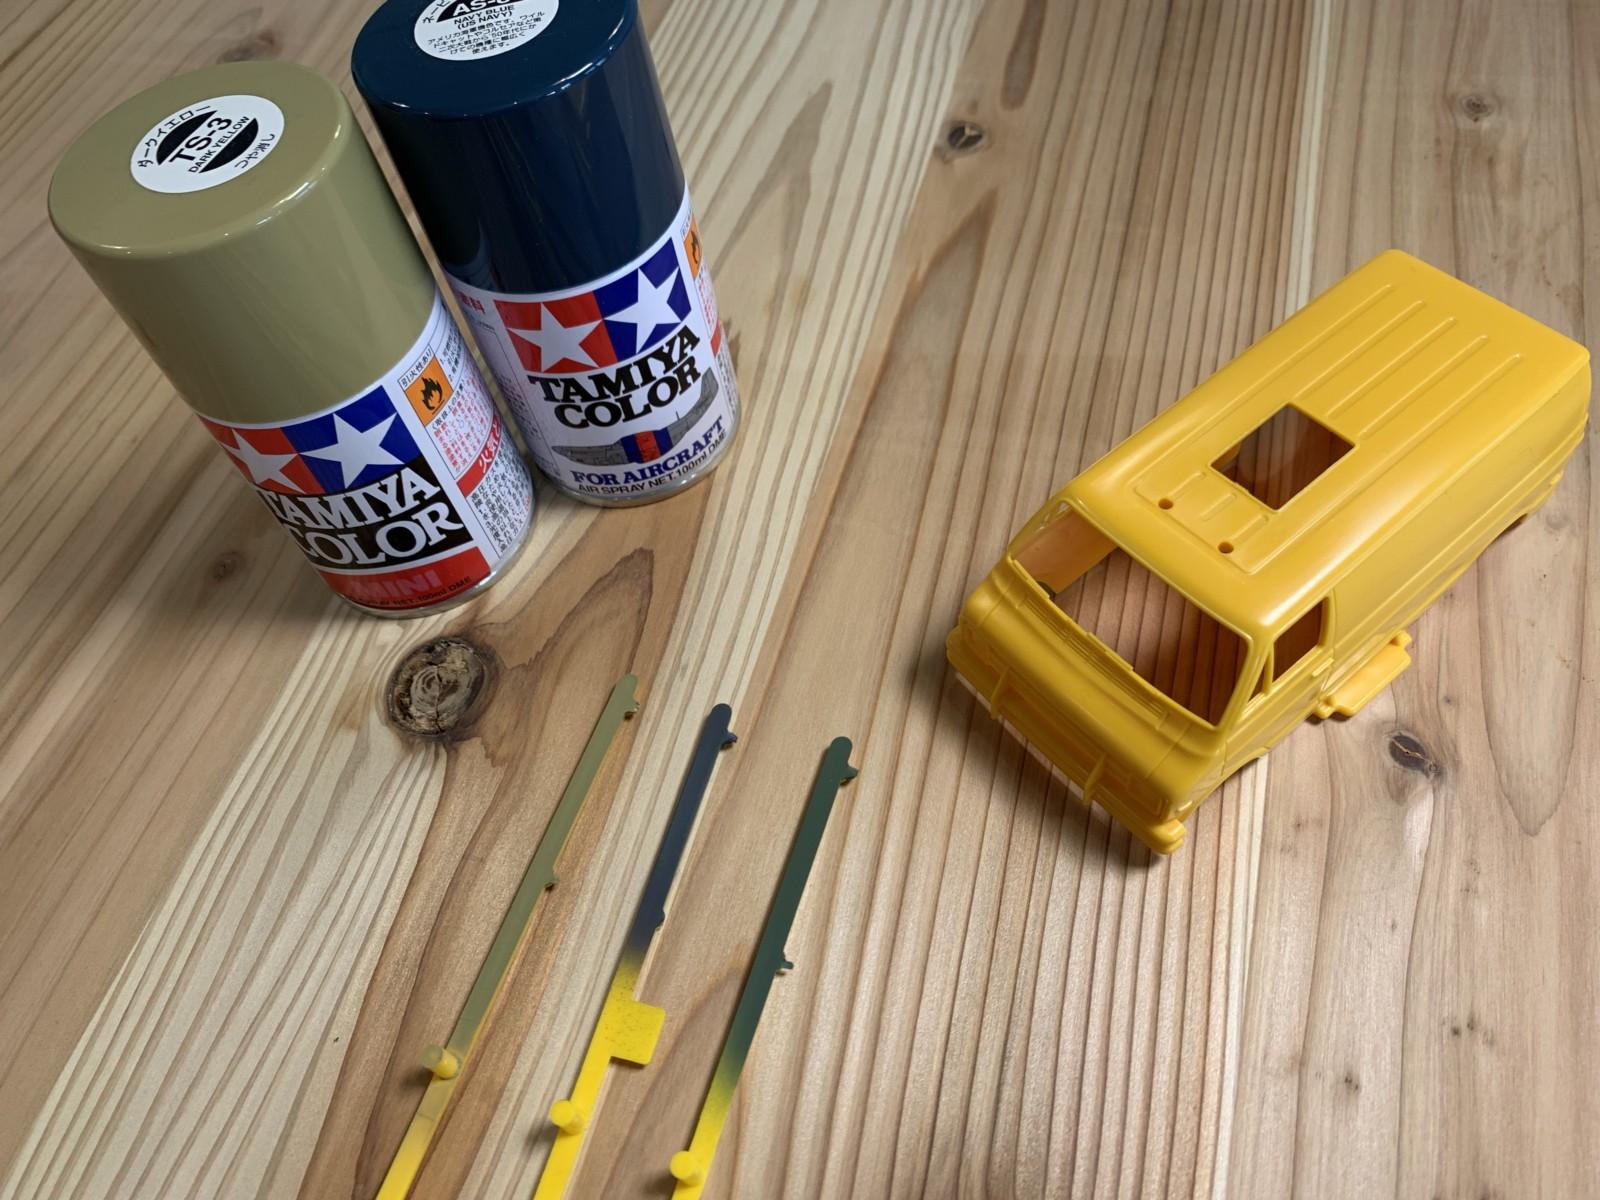 タミヤランチボックスジュニアの塗装